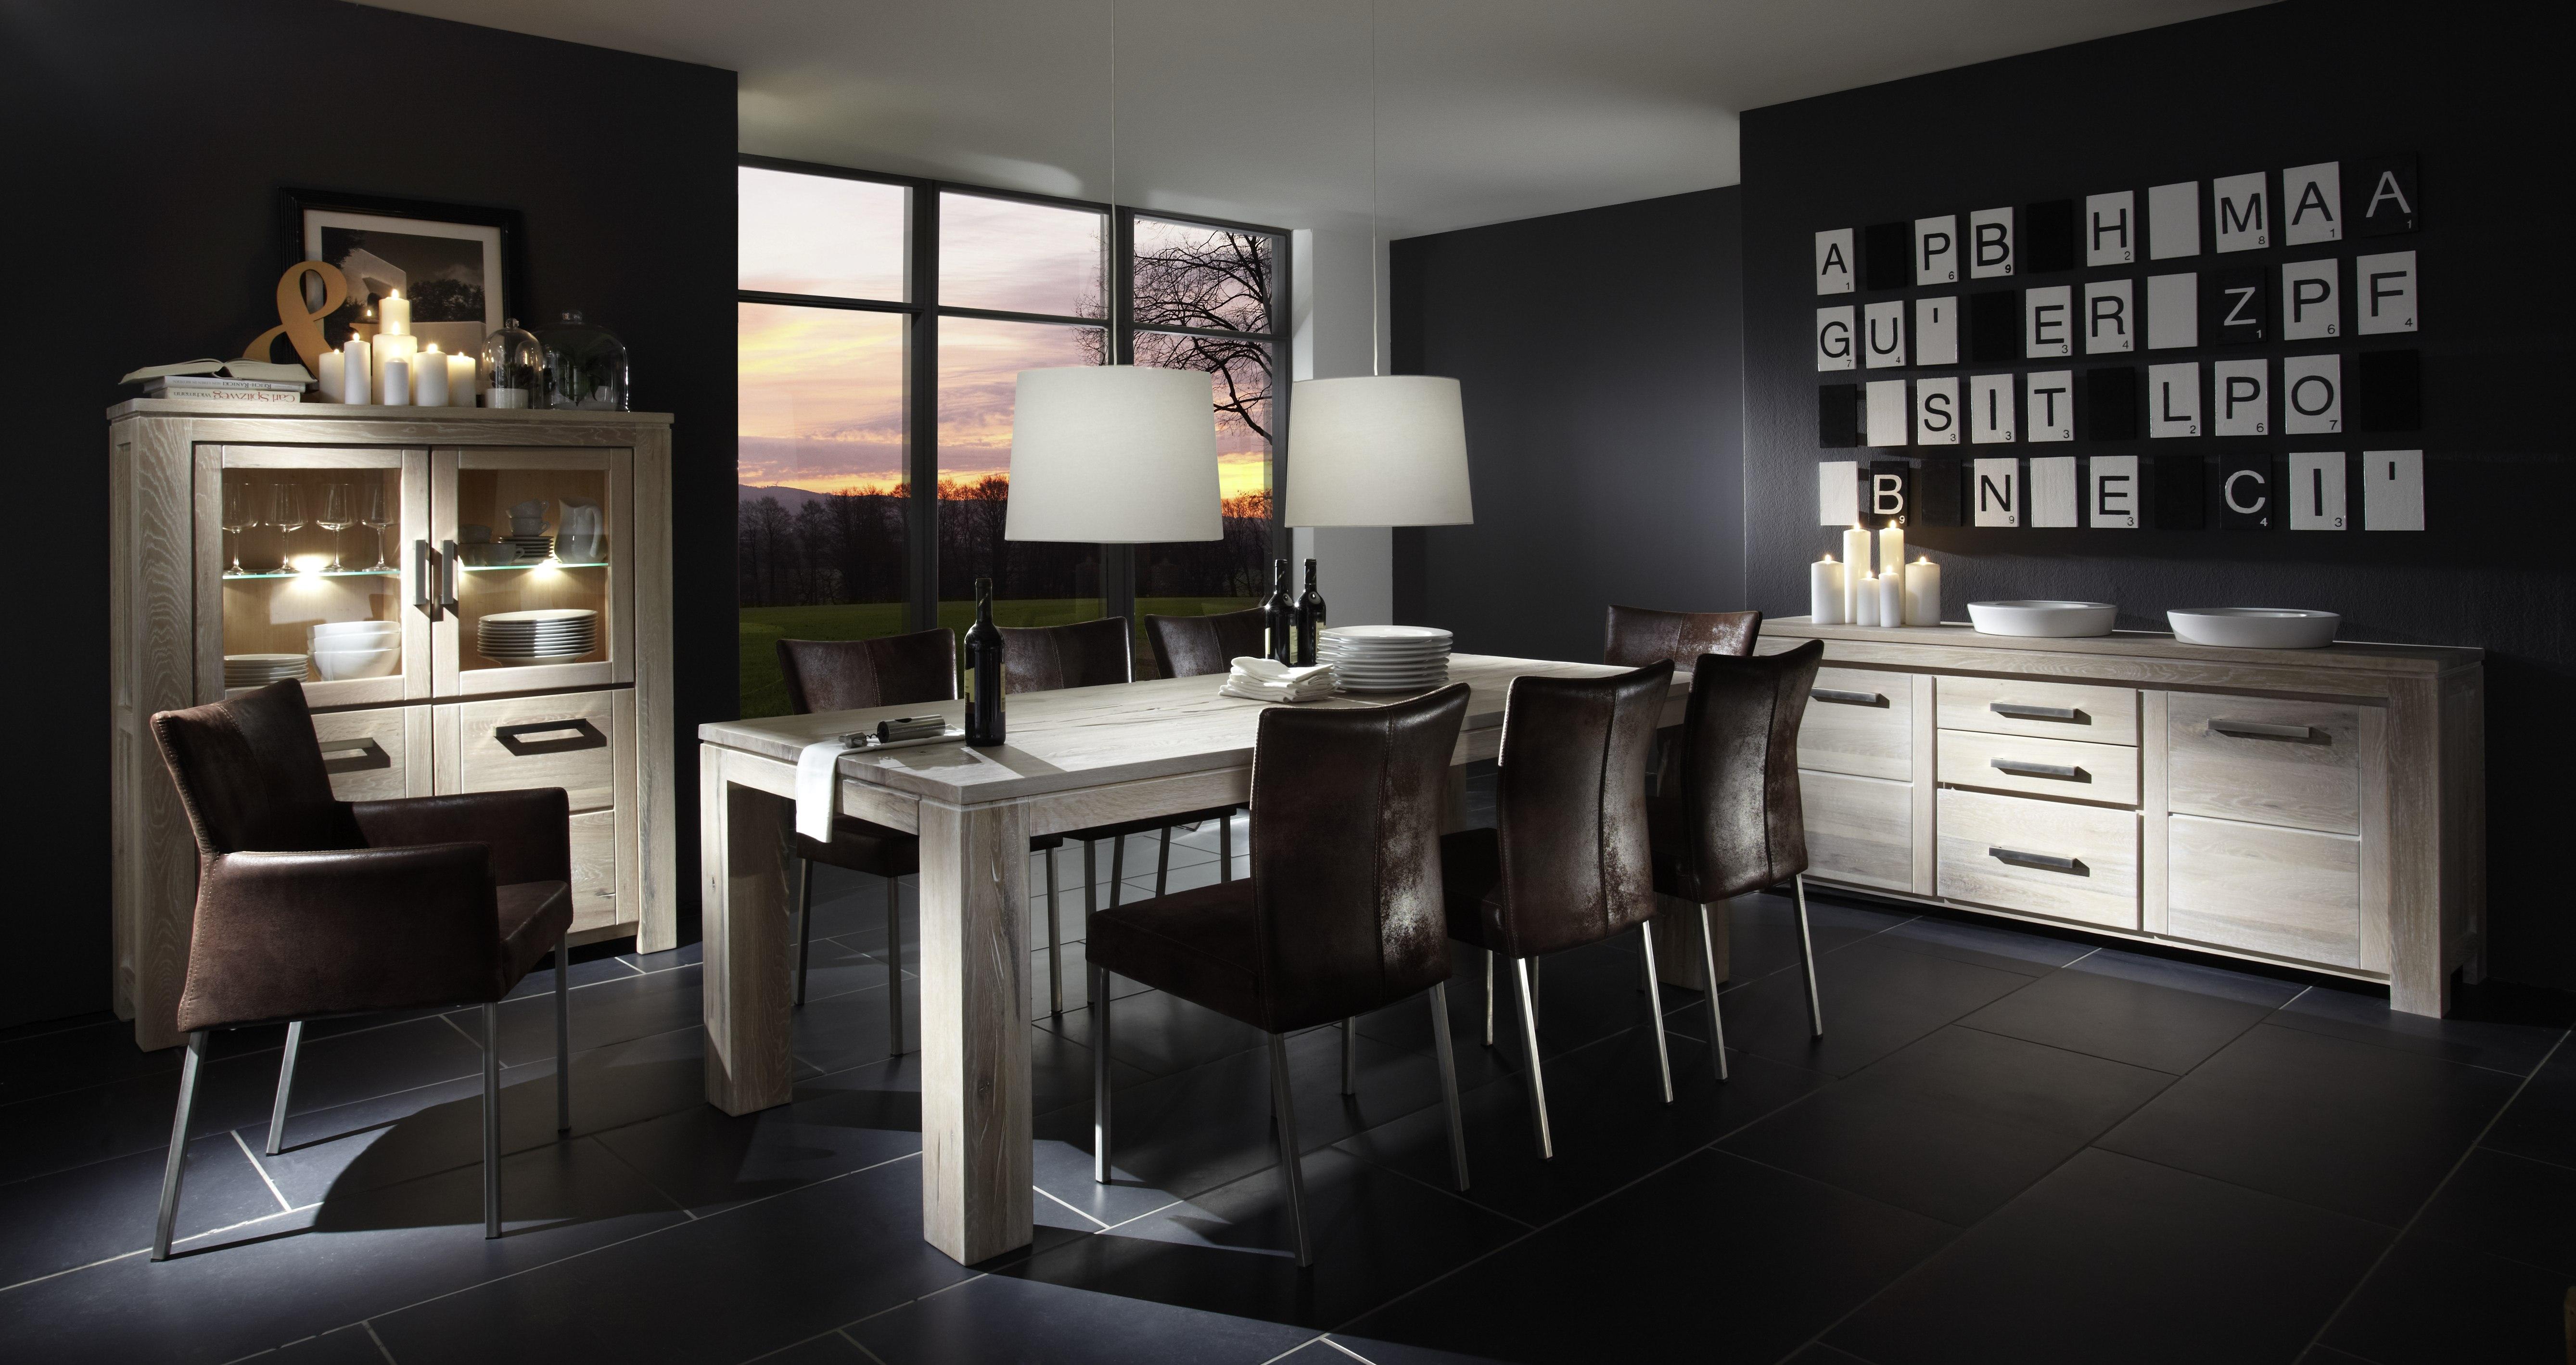 edle esszimmer bei prestige m bel prestige m bel. Black Bedroom Furniture Sets. Home Design Ideas